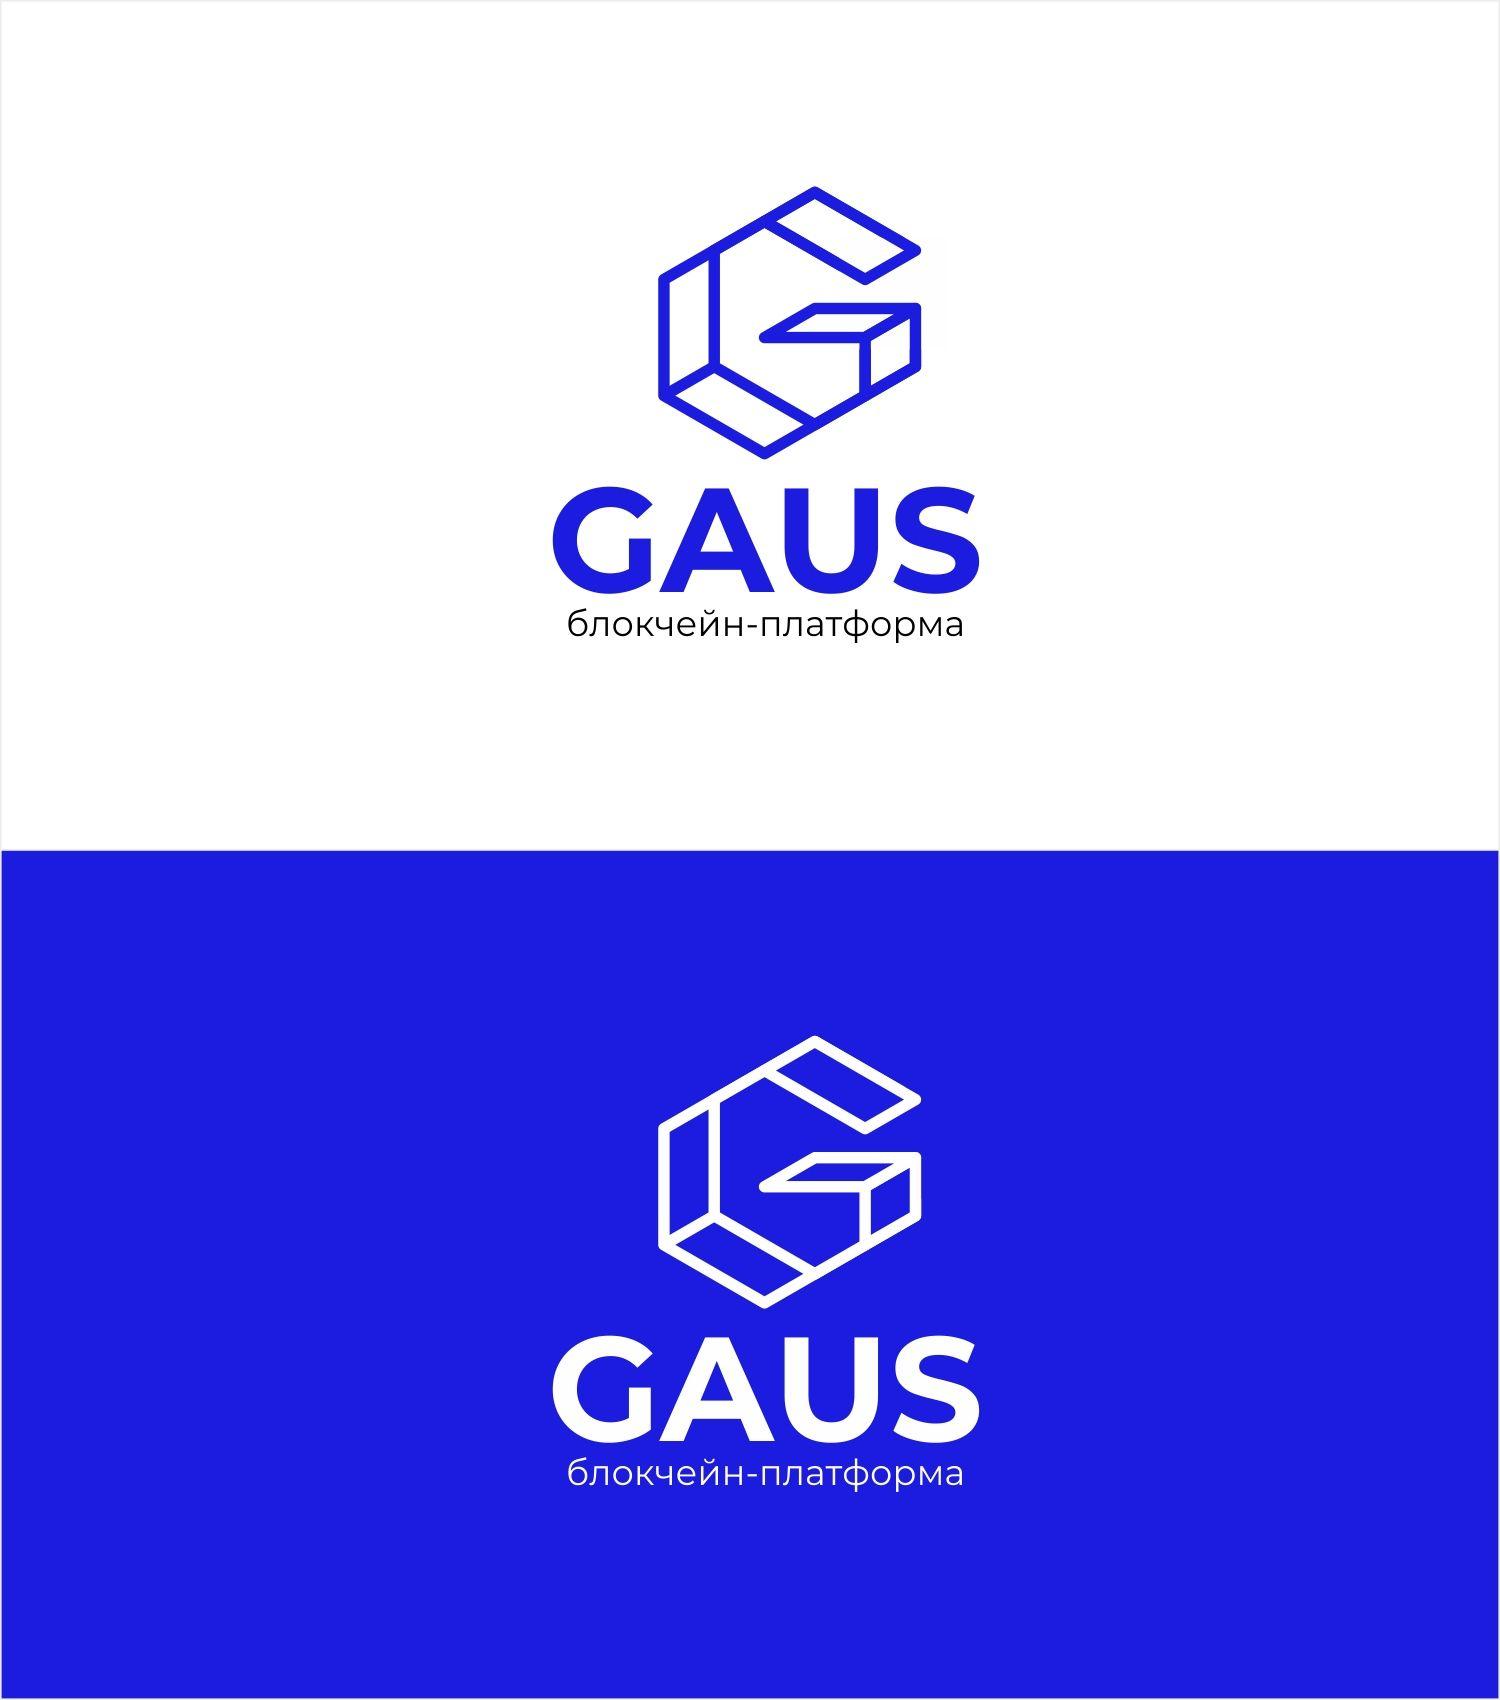 Логотип для GAUS - дизайнер kras-sky